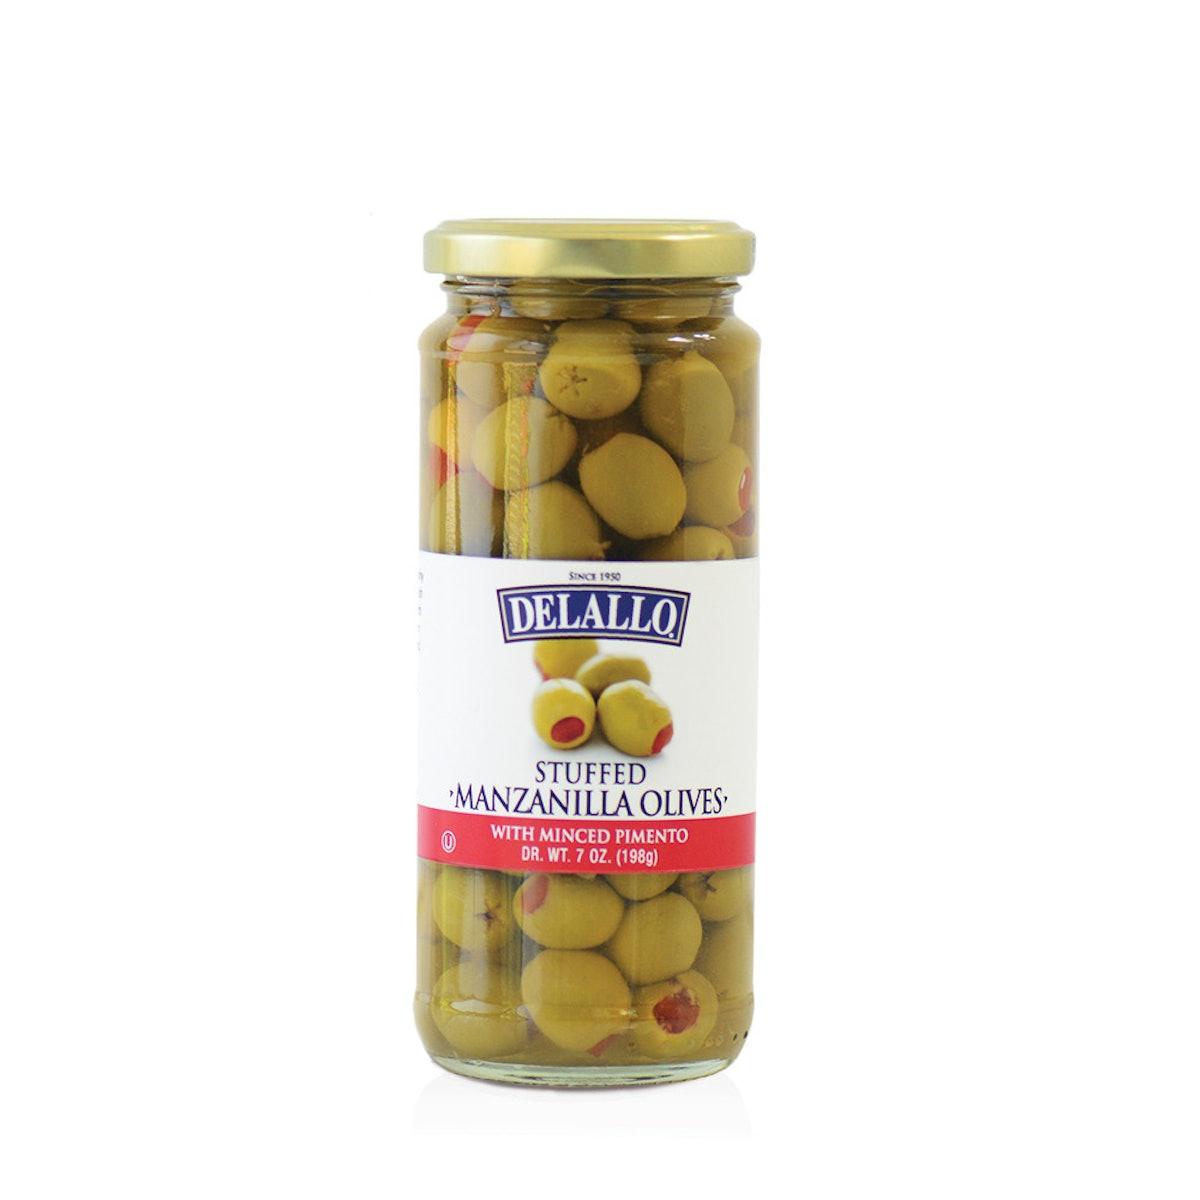 DeLallo Stuffed Manzanilla Olives 7 oz.